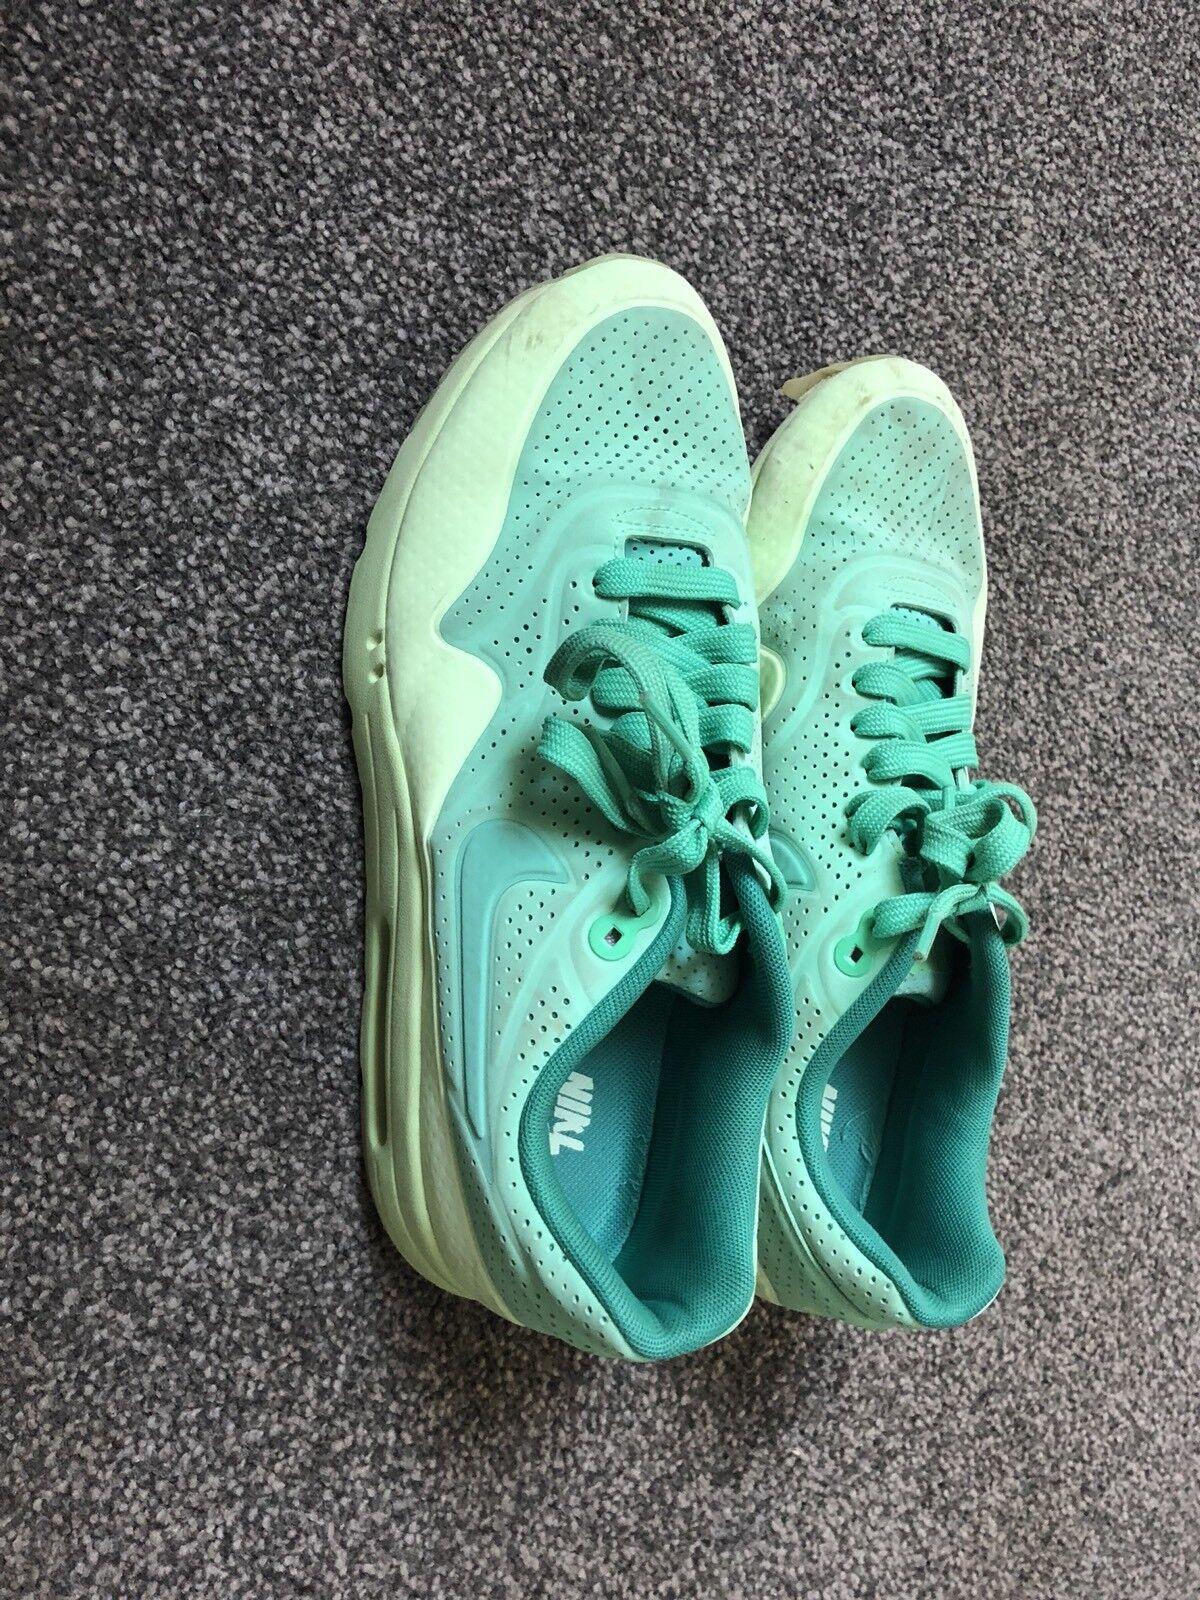 more photos 5a018 ba691 Nike Air Max 90 Verde cómodo barato barato barato y hermoso moda ac8796